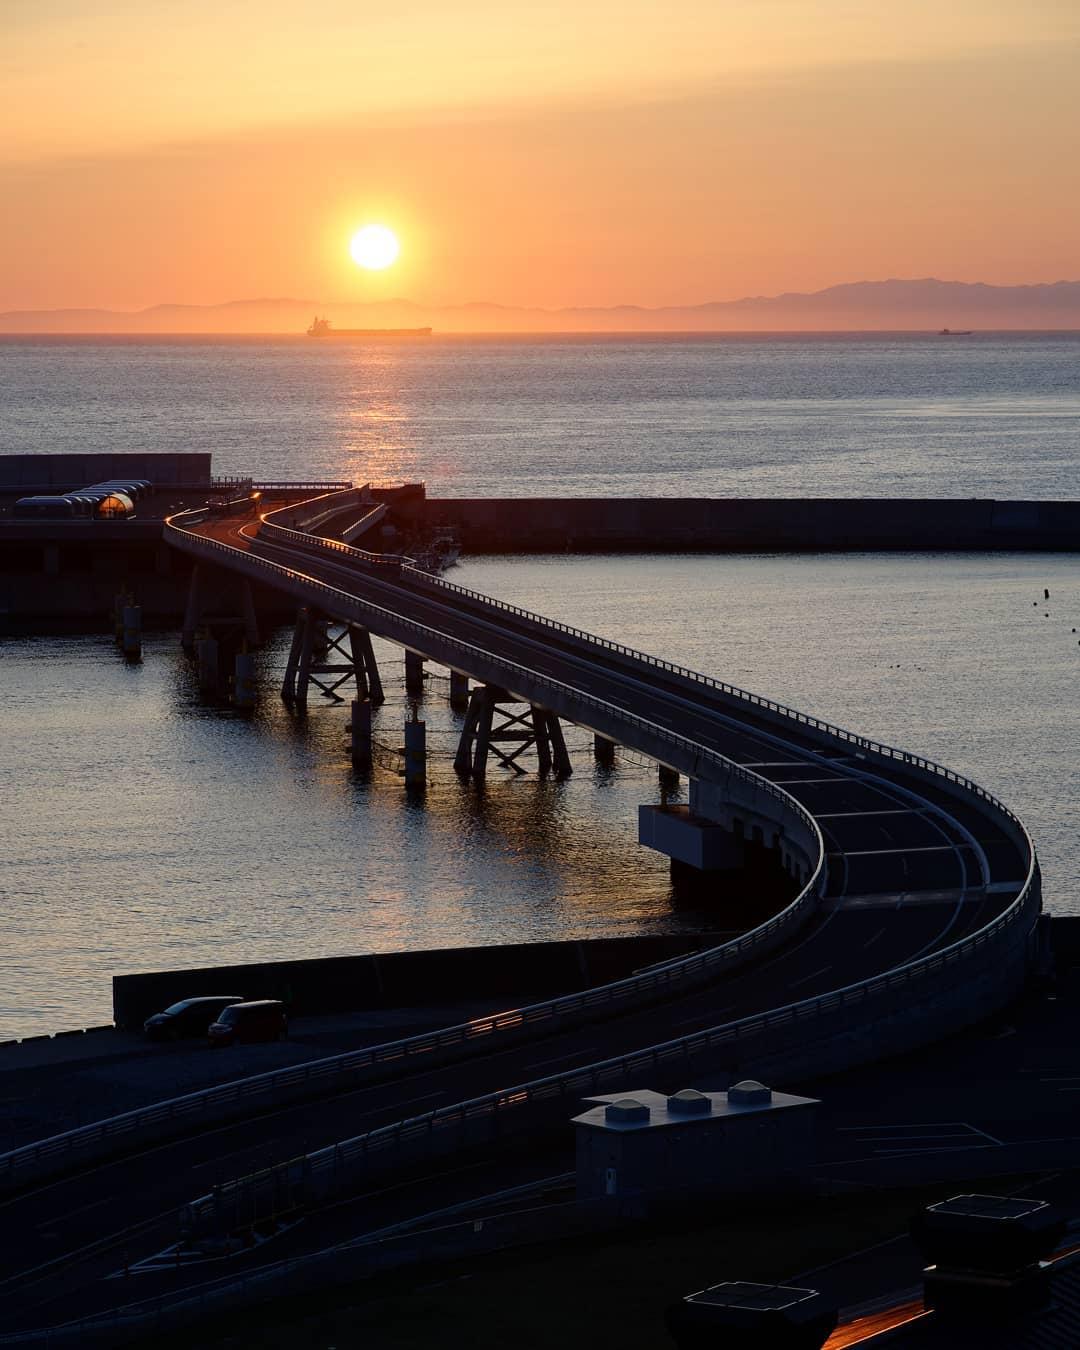 Bridge and Sunset (Muroran)